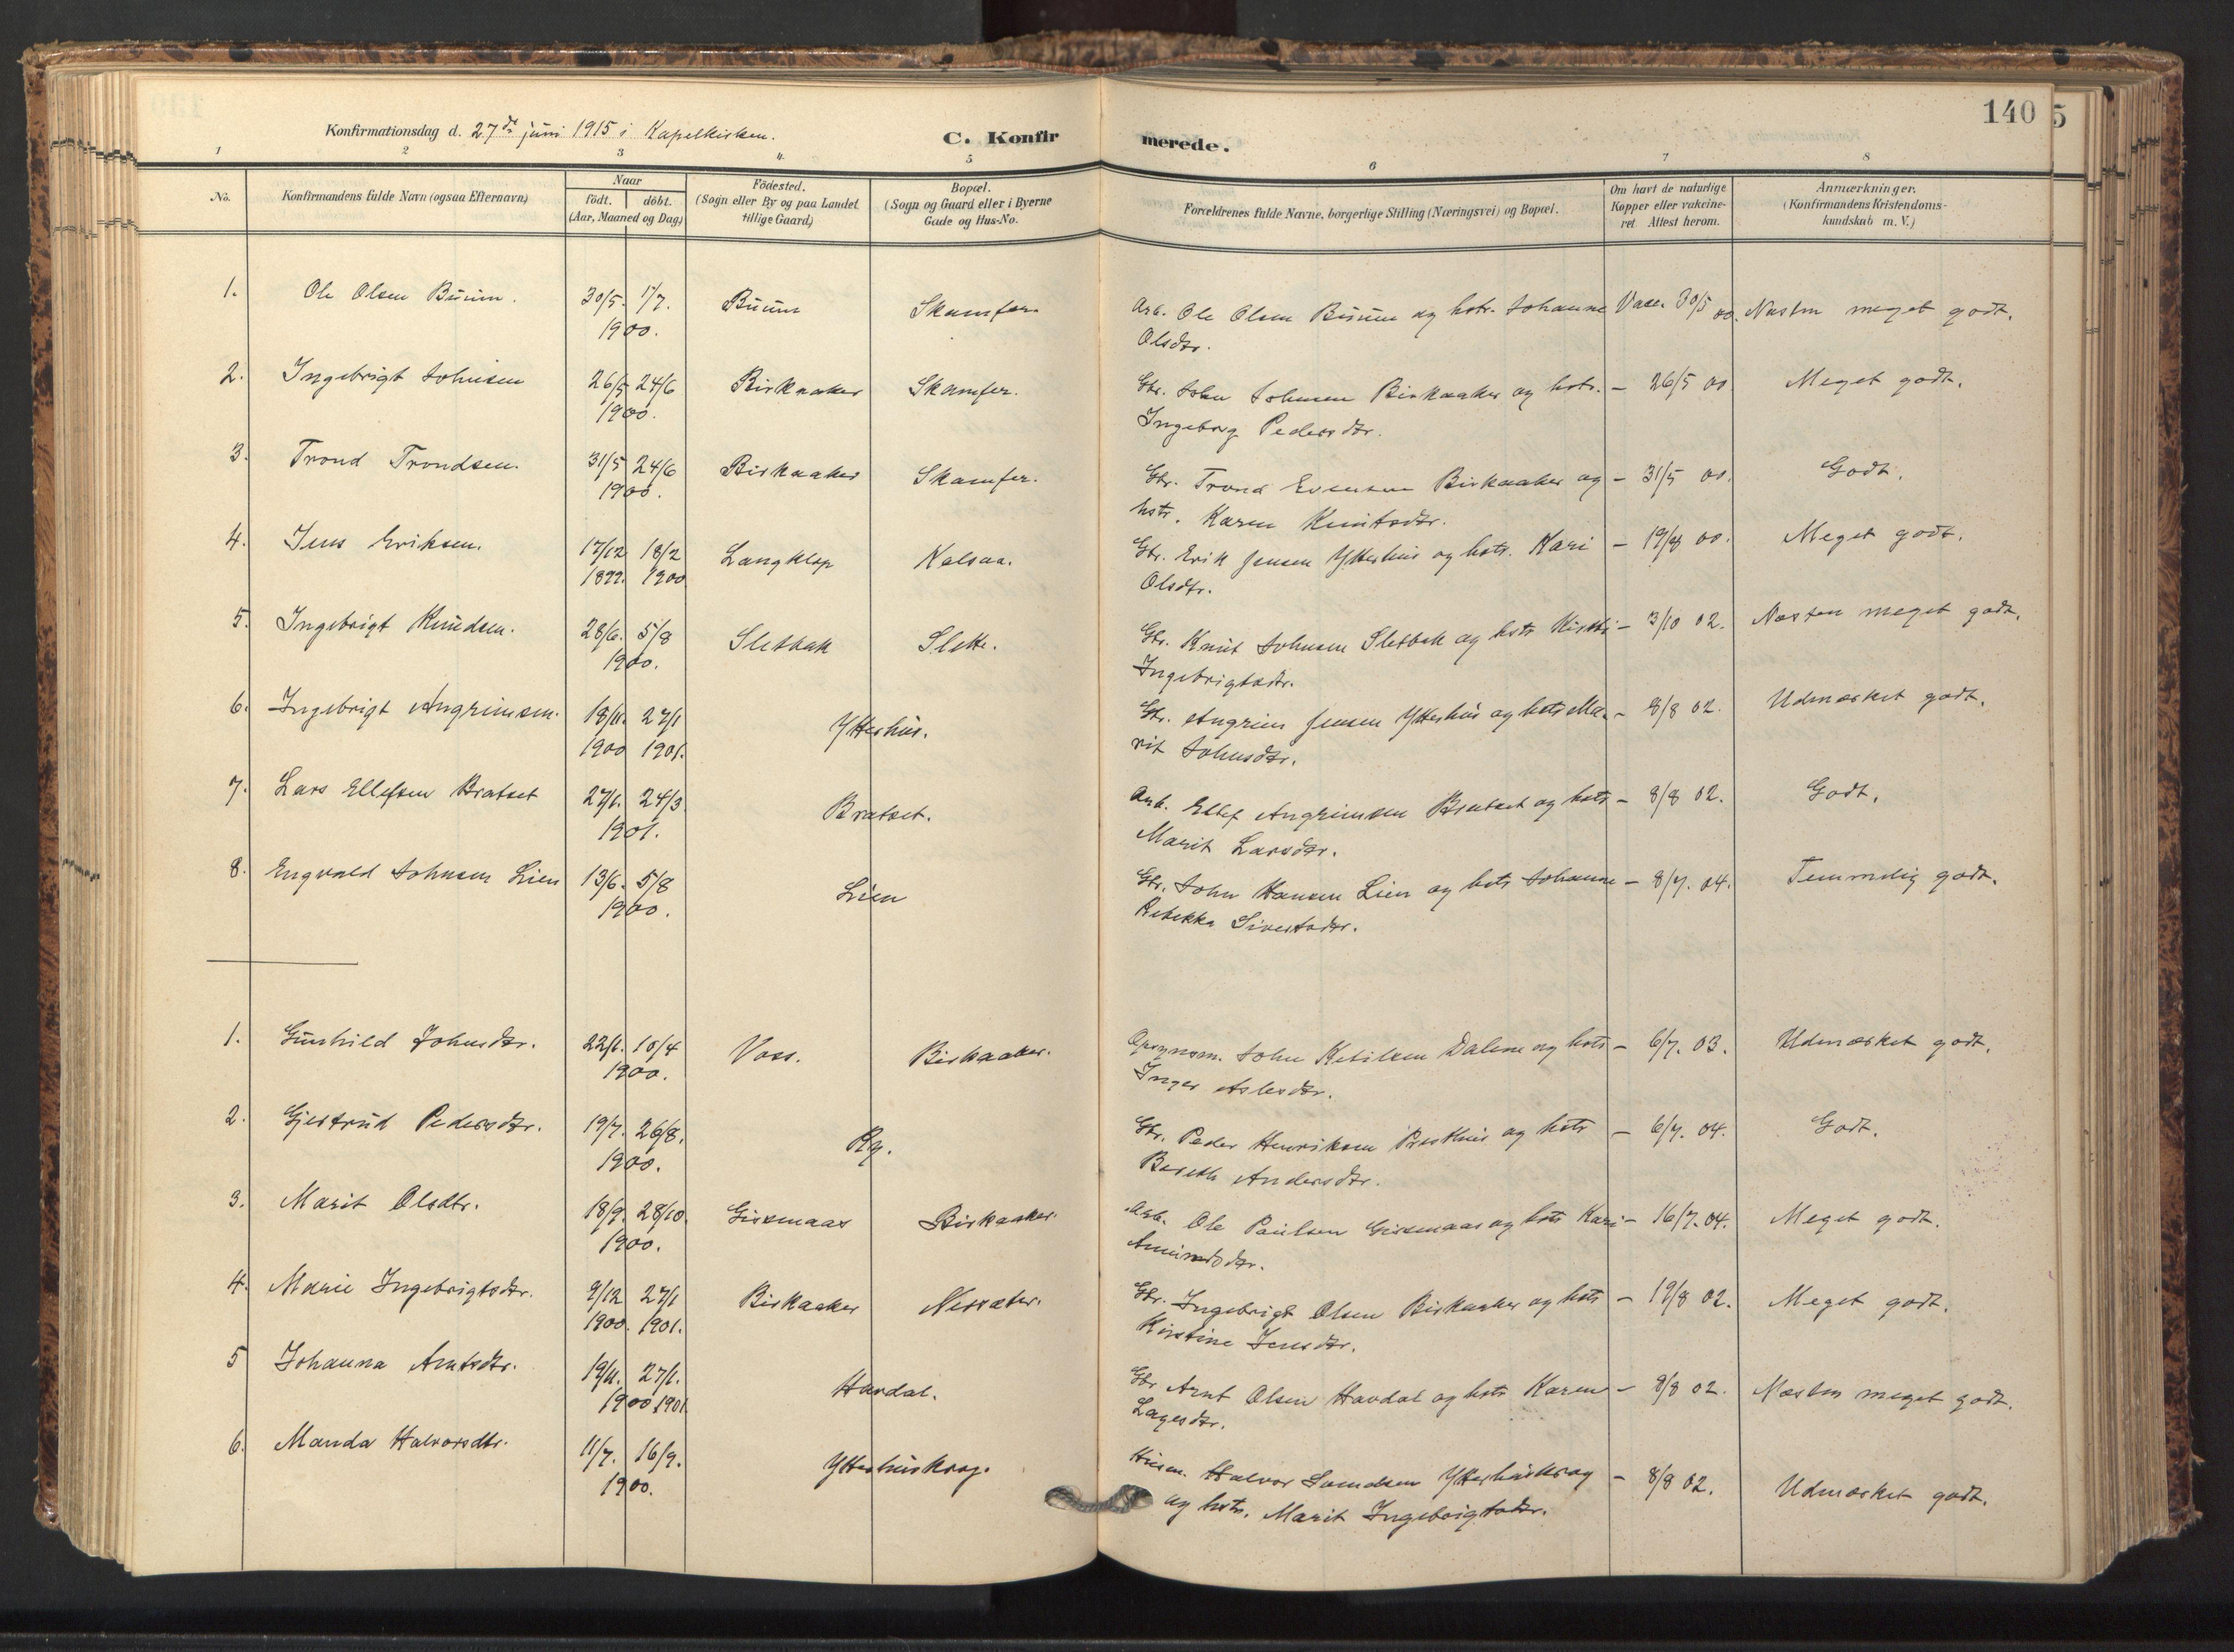 SAT, Ministerialprotokoller, klokkerbøker og fødselsregistre - Sør-Trøndelag, 674/L0873: Ministerialbok nr. 674A05, 1908-1923, s. 140